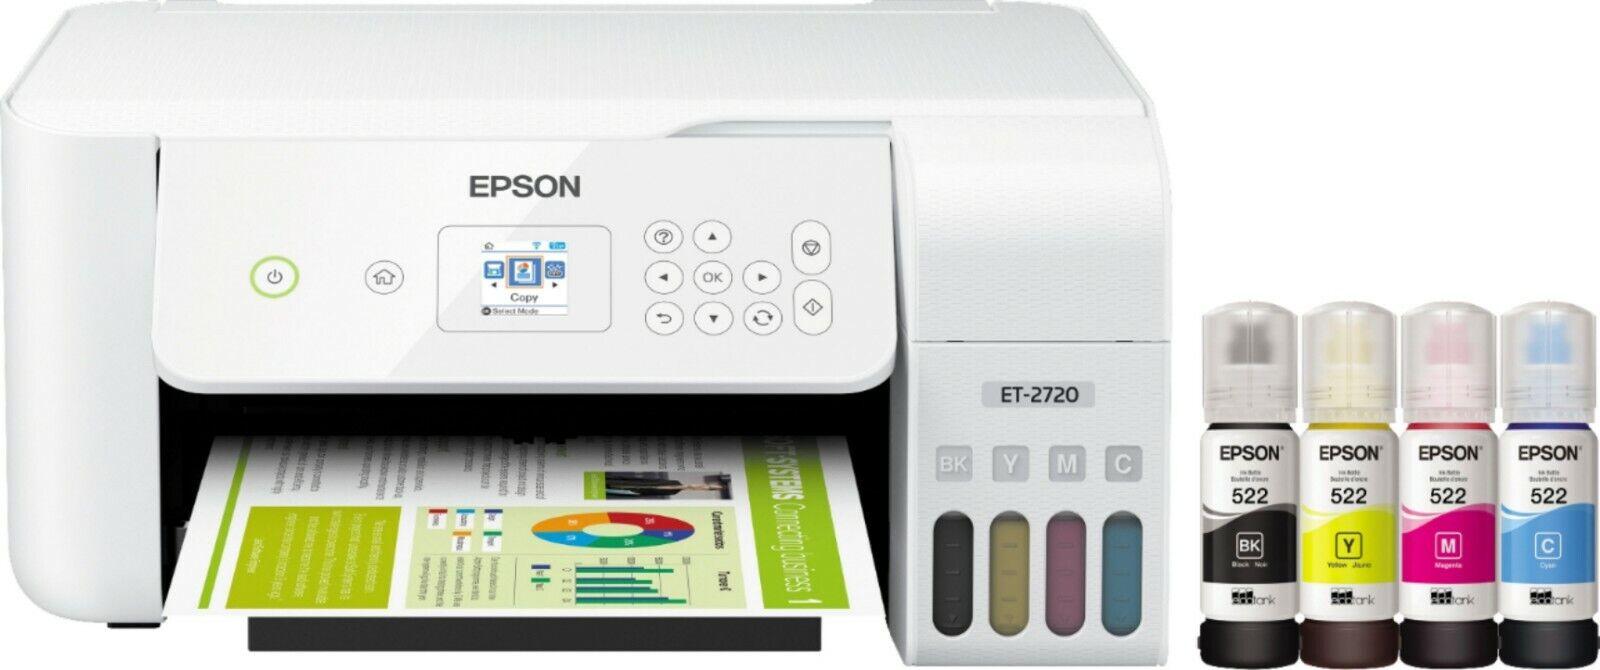 Epson - EcoTank ET-2720 Wireless All-In-One Inkjet Printer - White. Buy it now for 256.95